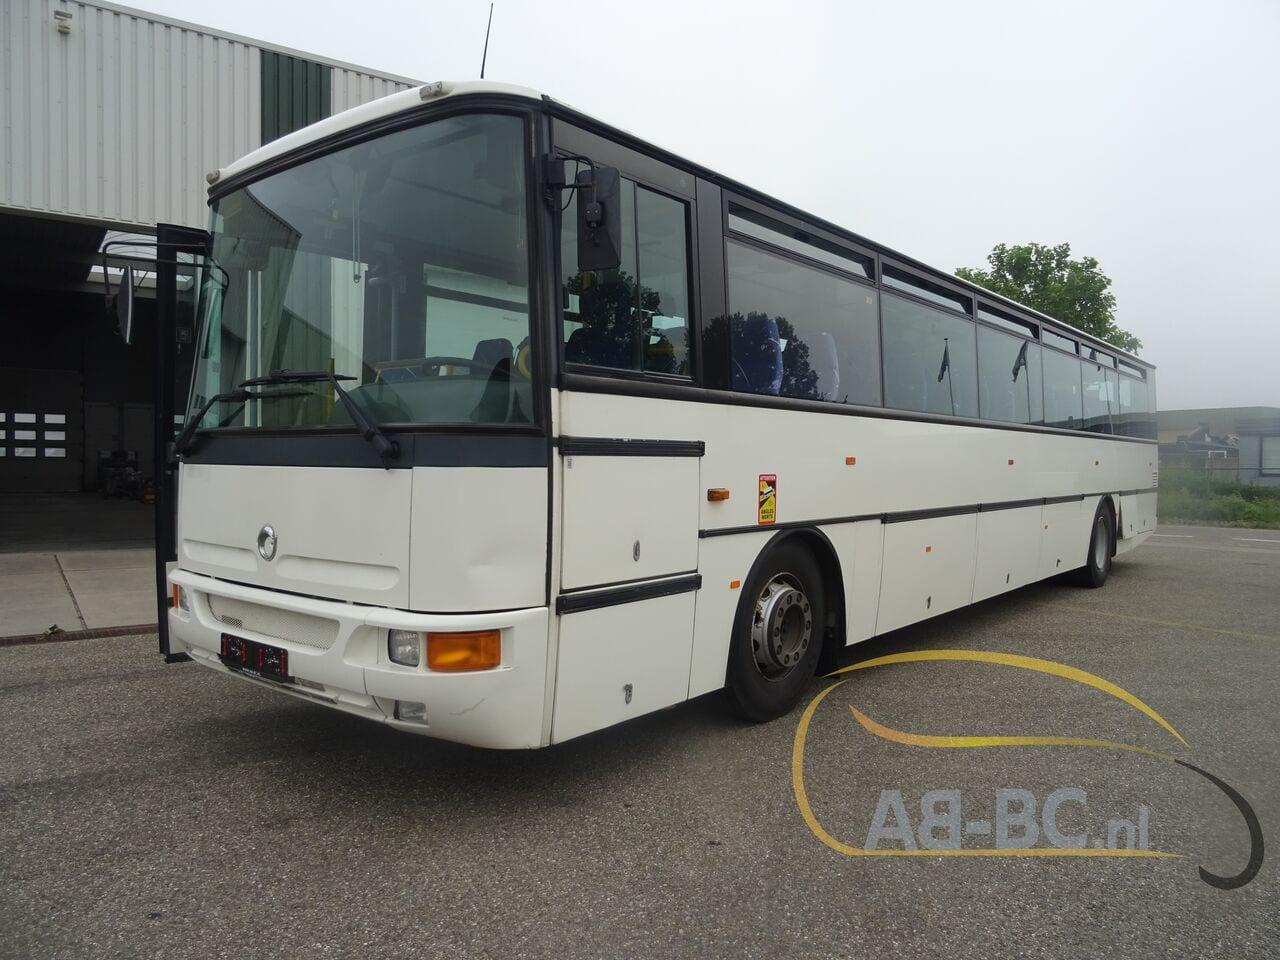 interurban-busIVECO-Irisbus-Recreo-64-Seats---1626159892773714227_big_9d6b9007dc58c2d3e950d3fa04fa18cf--21071309575983154500